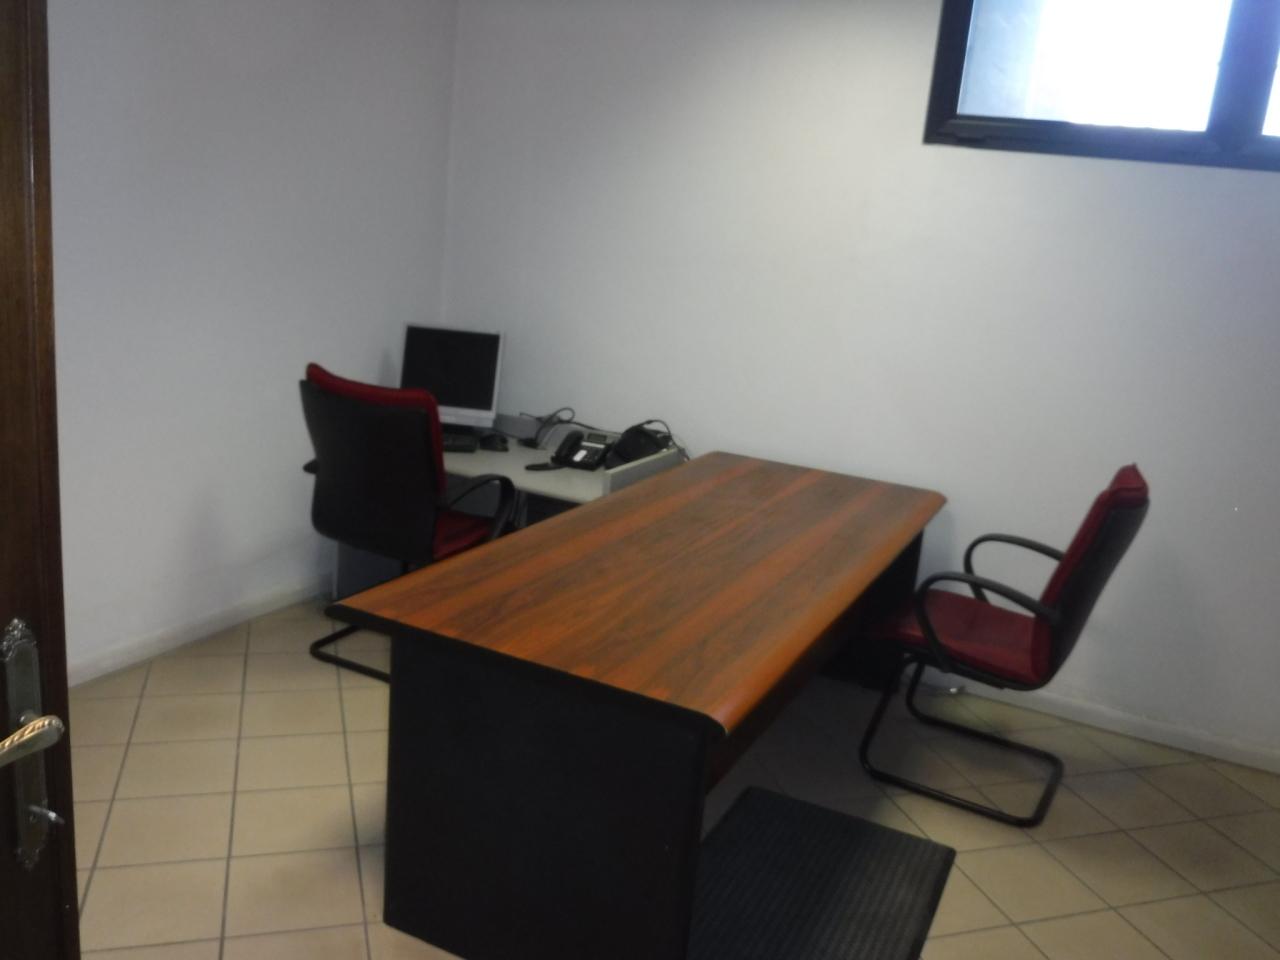 Ufficio / Studio in affitto a Castelnuovo Magra, 10 locali, prezzo € 1.600 | PortaleAgenzieImmobiliari.it